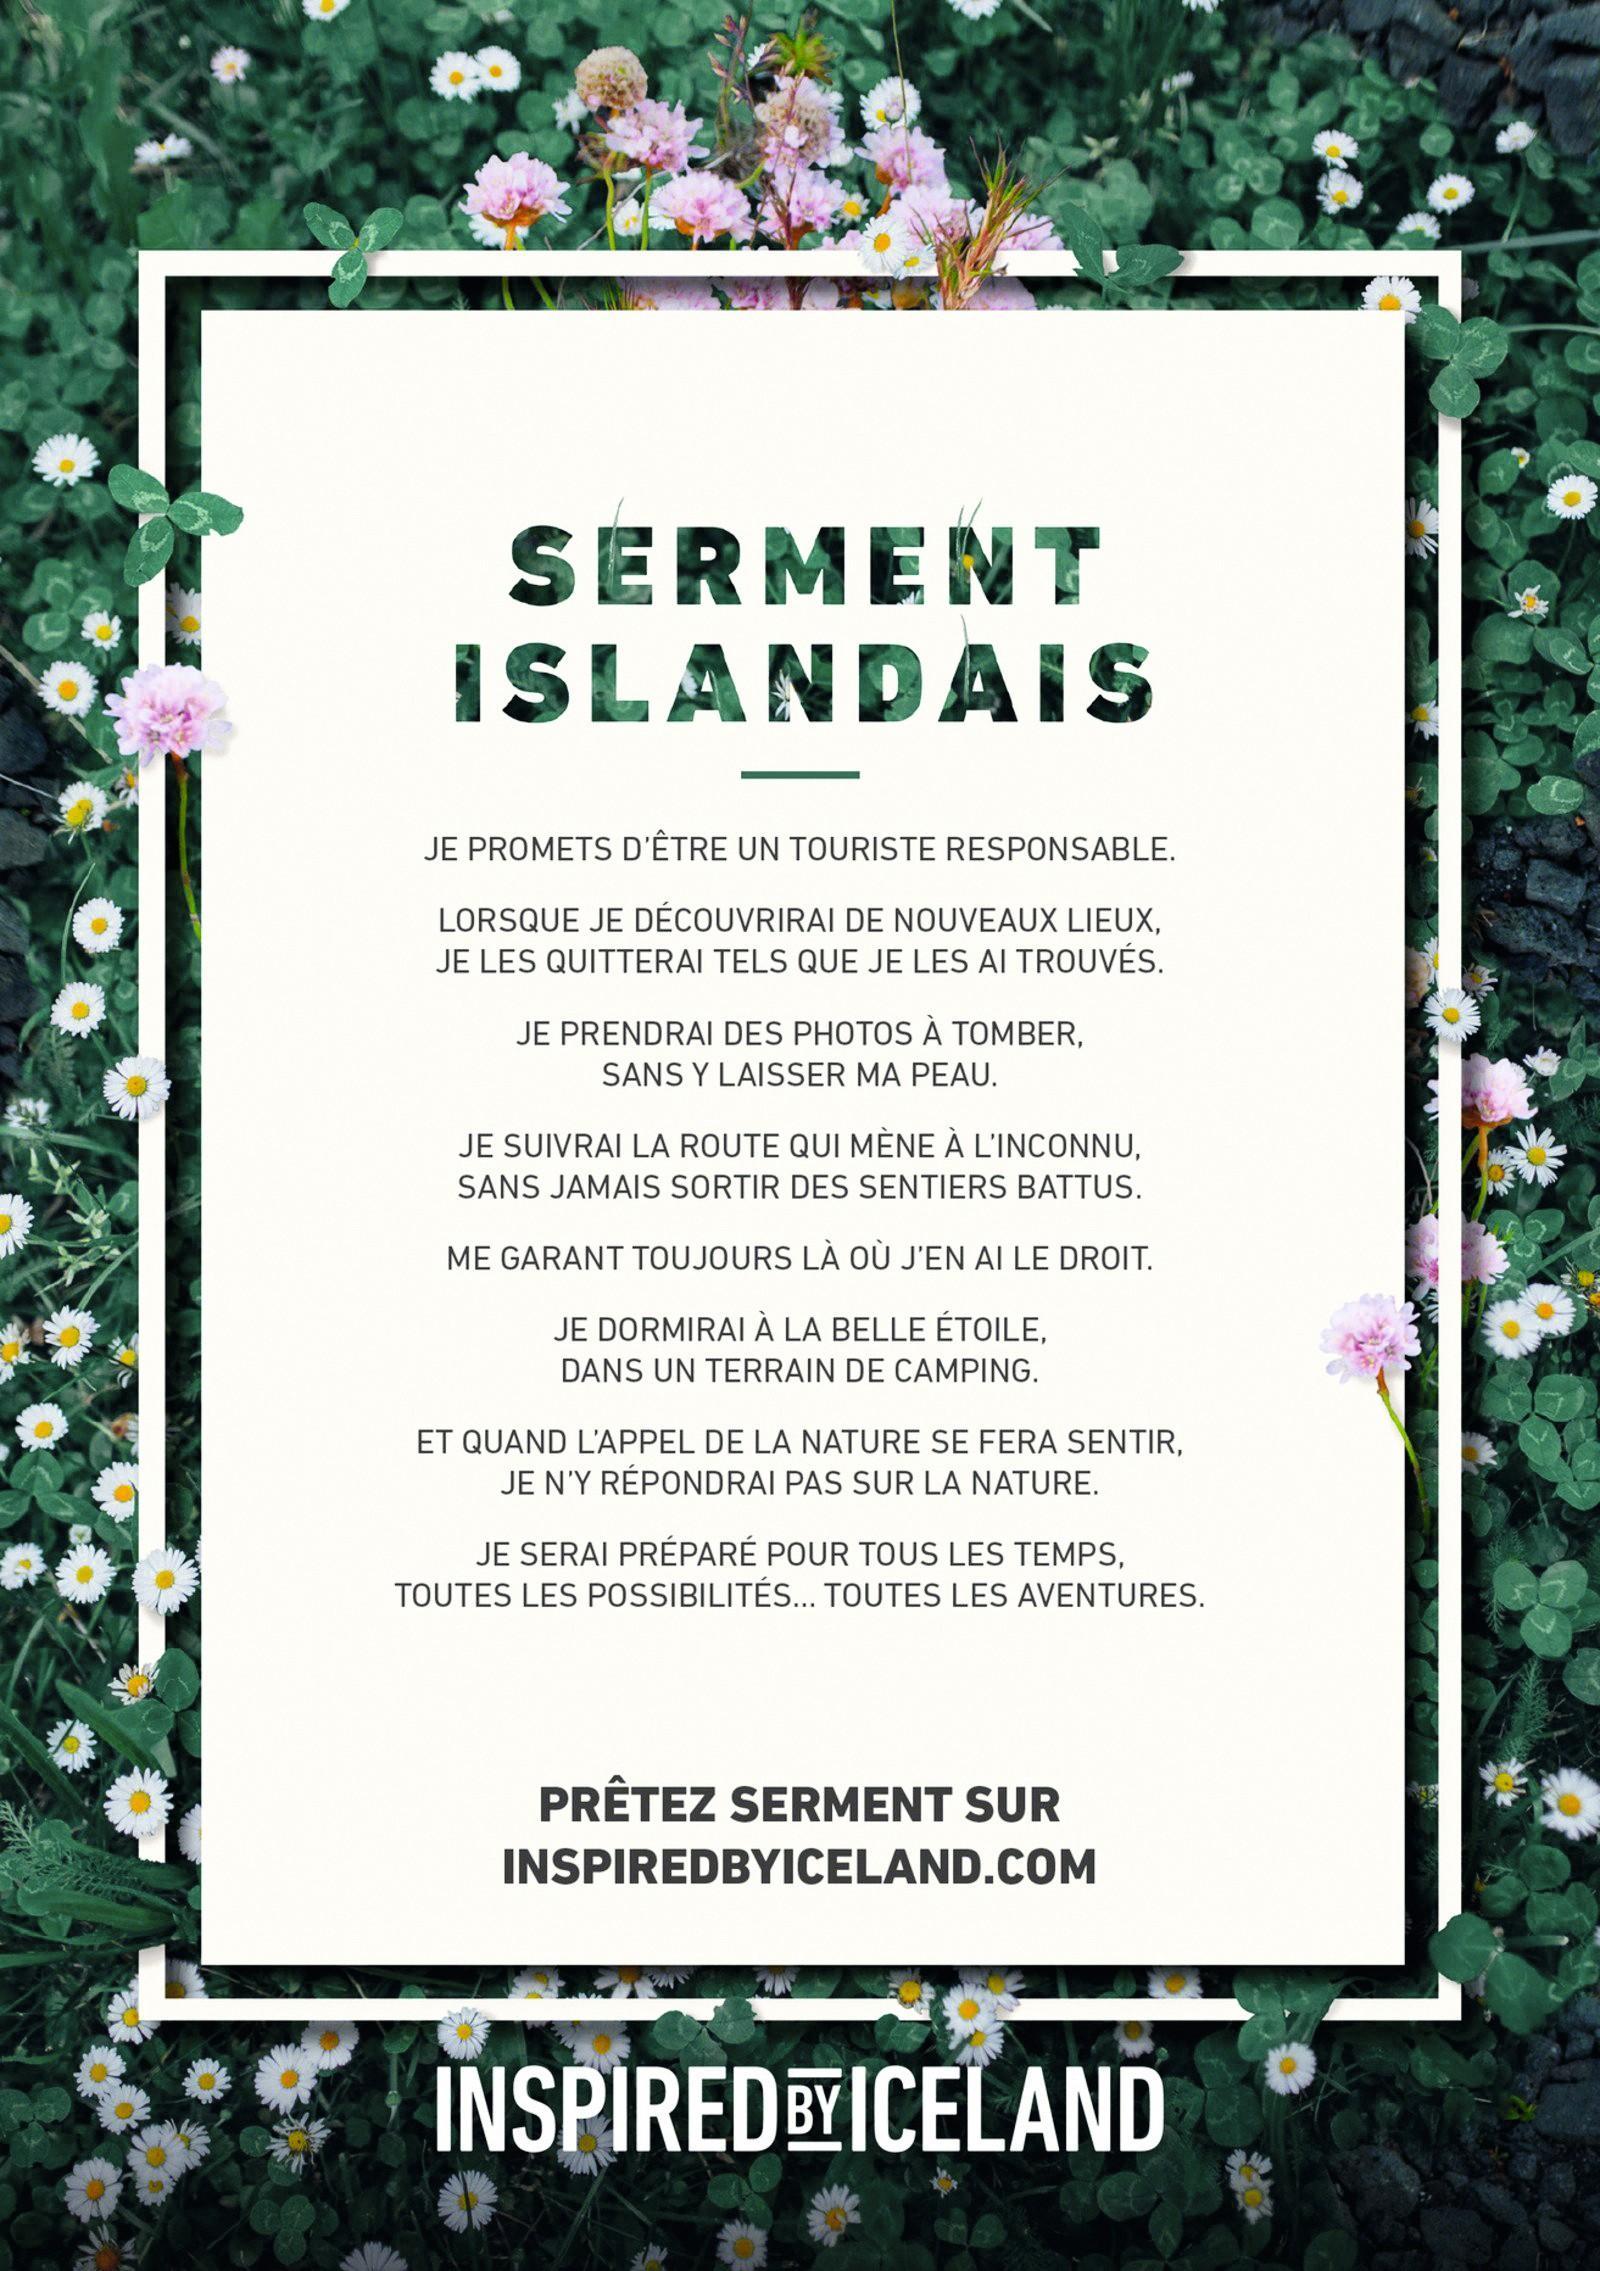 Vers un tourisme durable ? Serment islandais